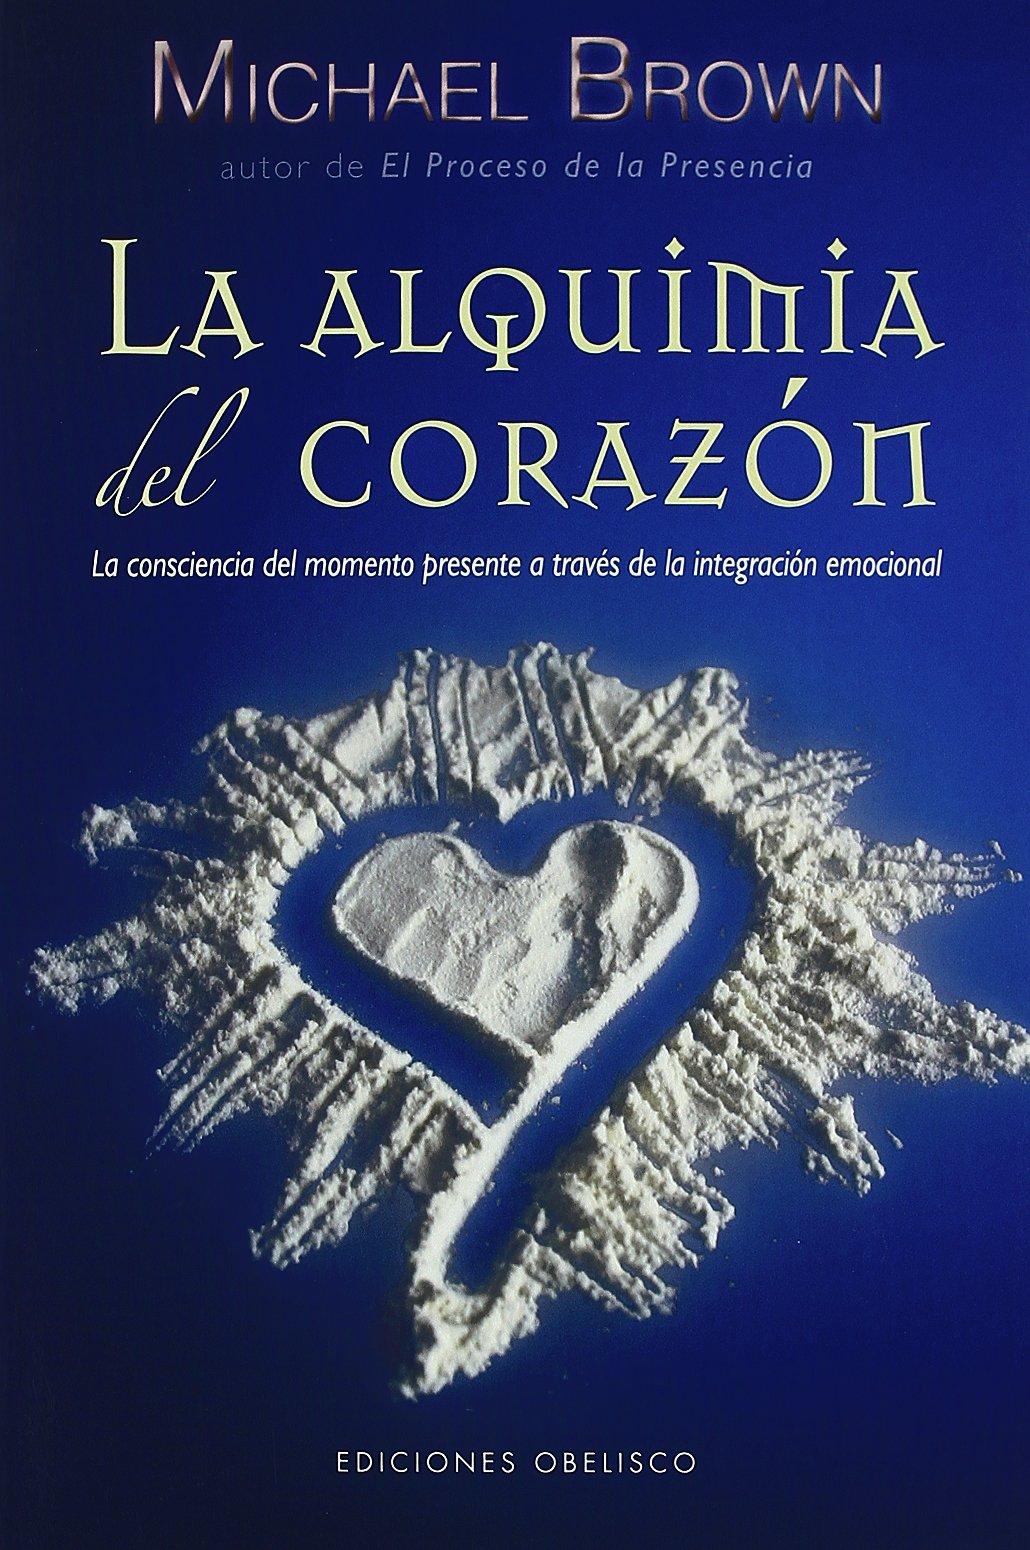 Alquimia del corazón, La (NUEVA CONSCIENCIA): Amazon.es: MICHAEL BROWN:  Libros